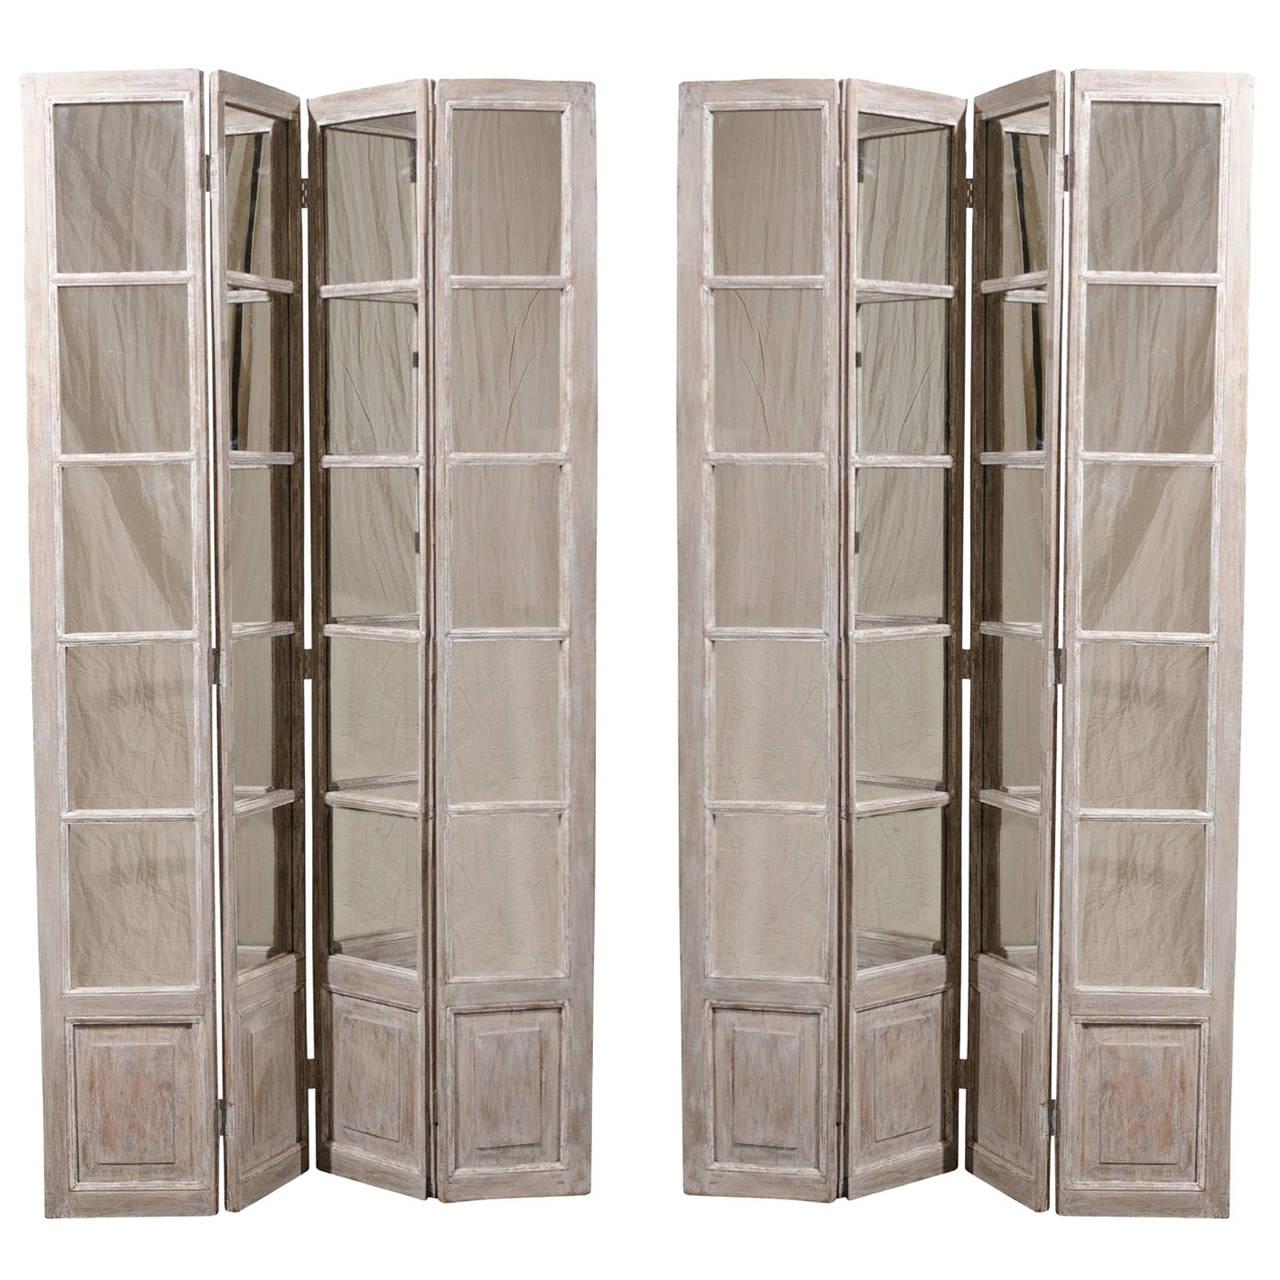 Pair of Mirrored Painted Wood Screens